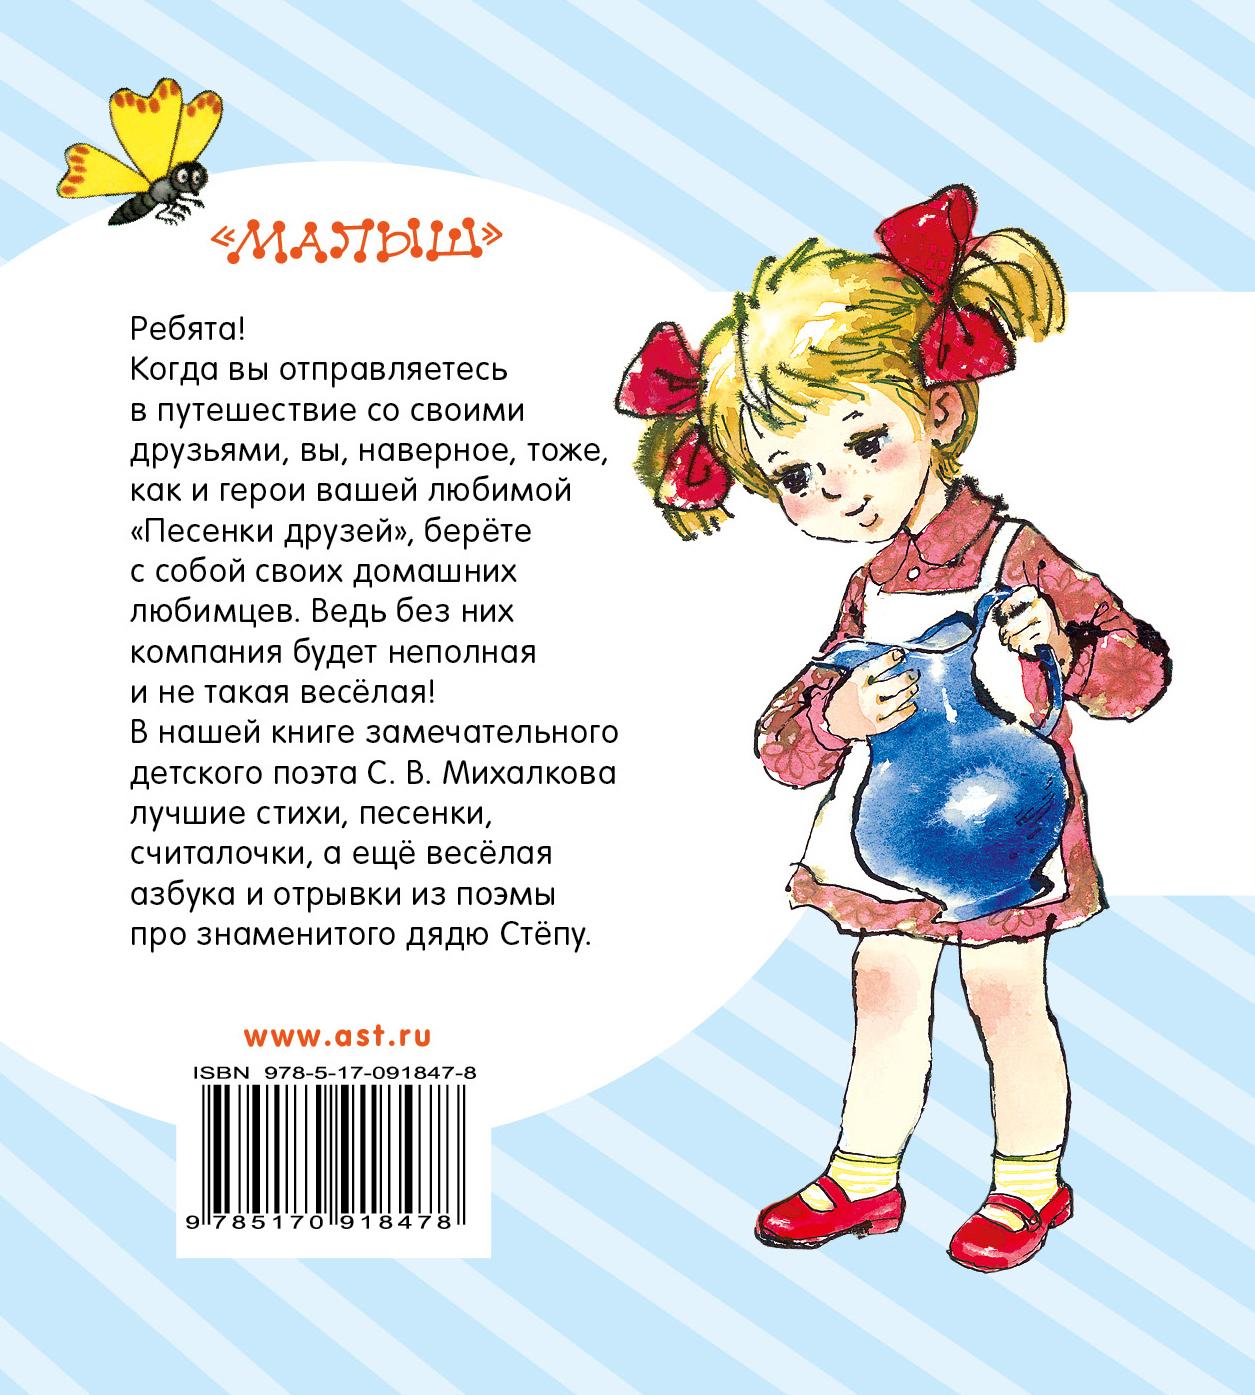 Стих про подарок на день рождения михалков 35